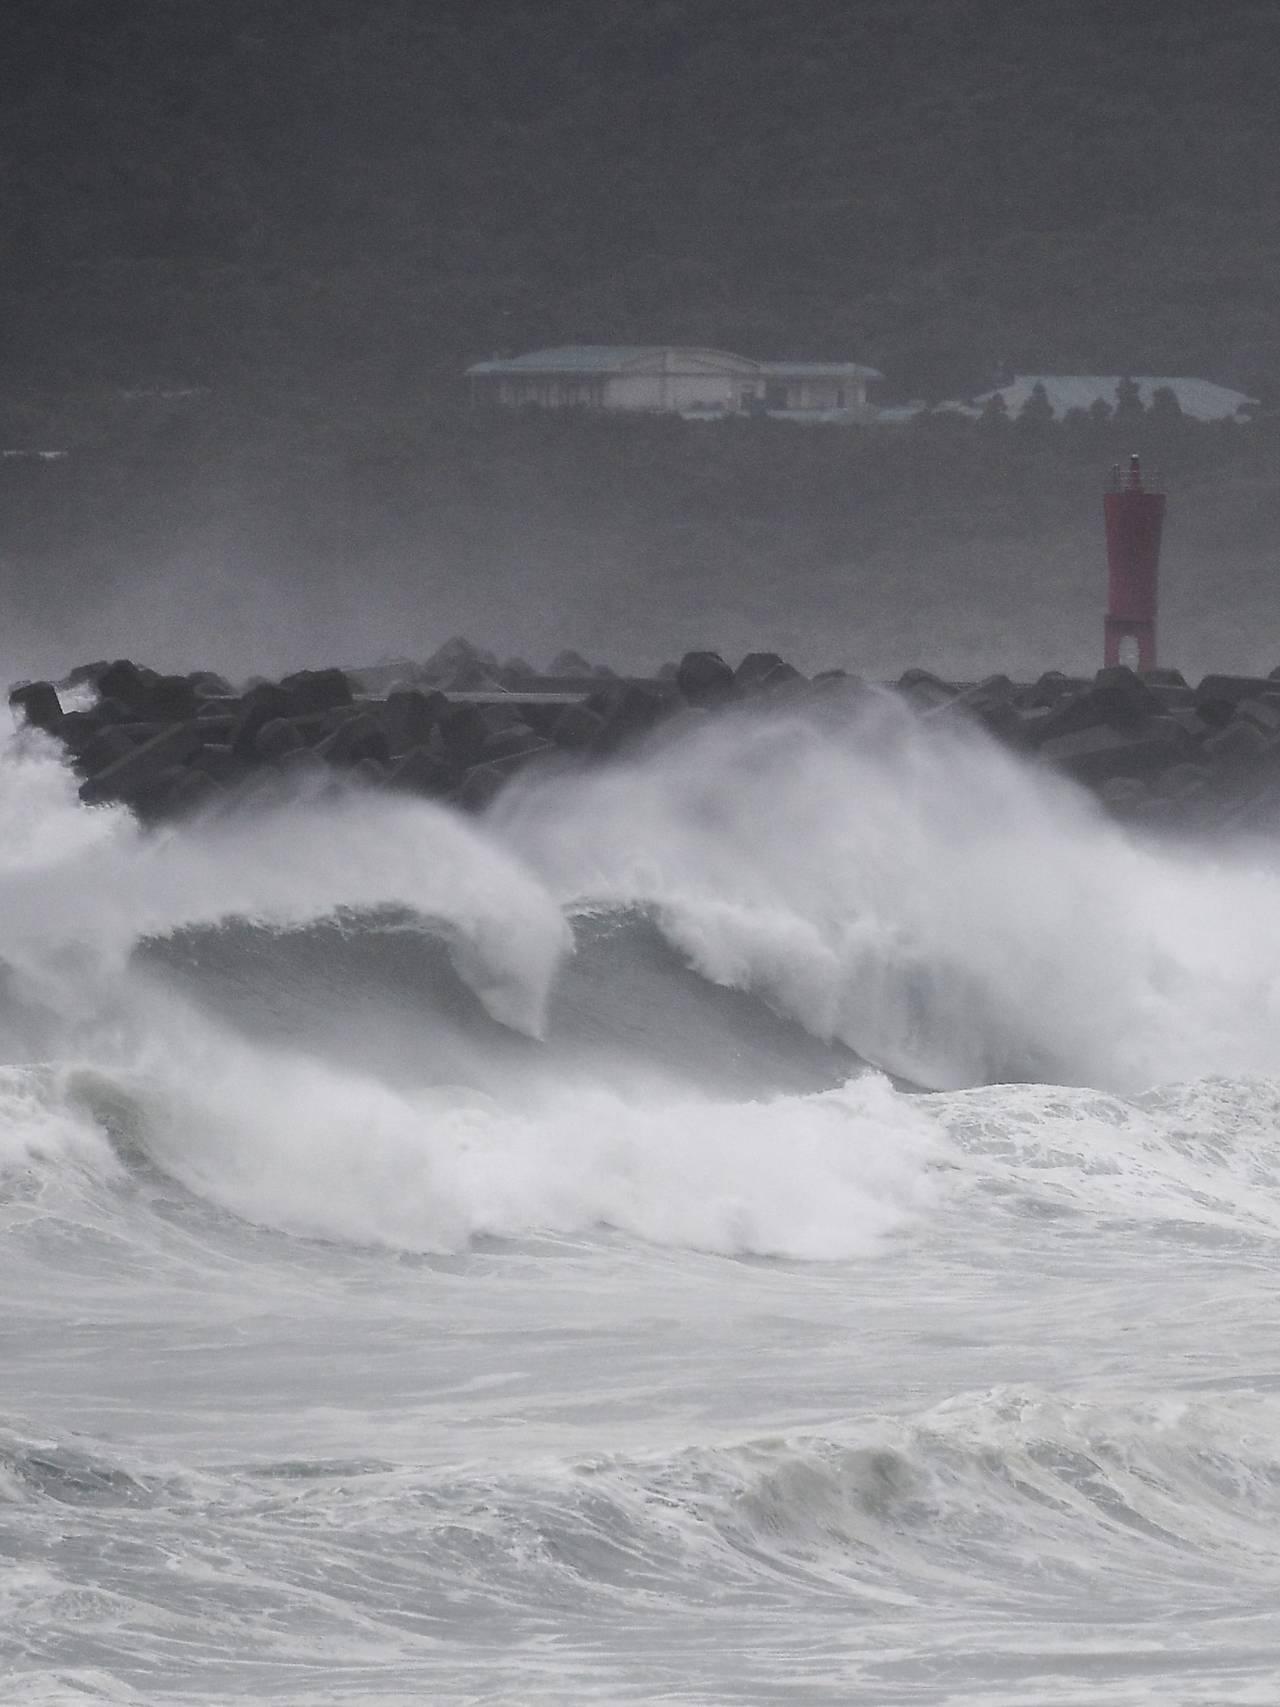 Bølger treffer land